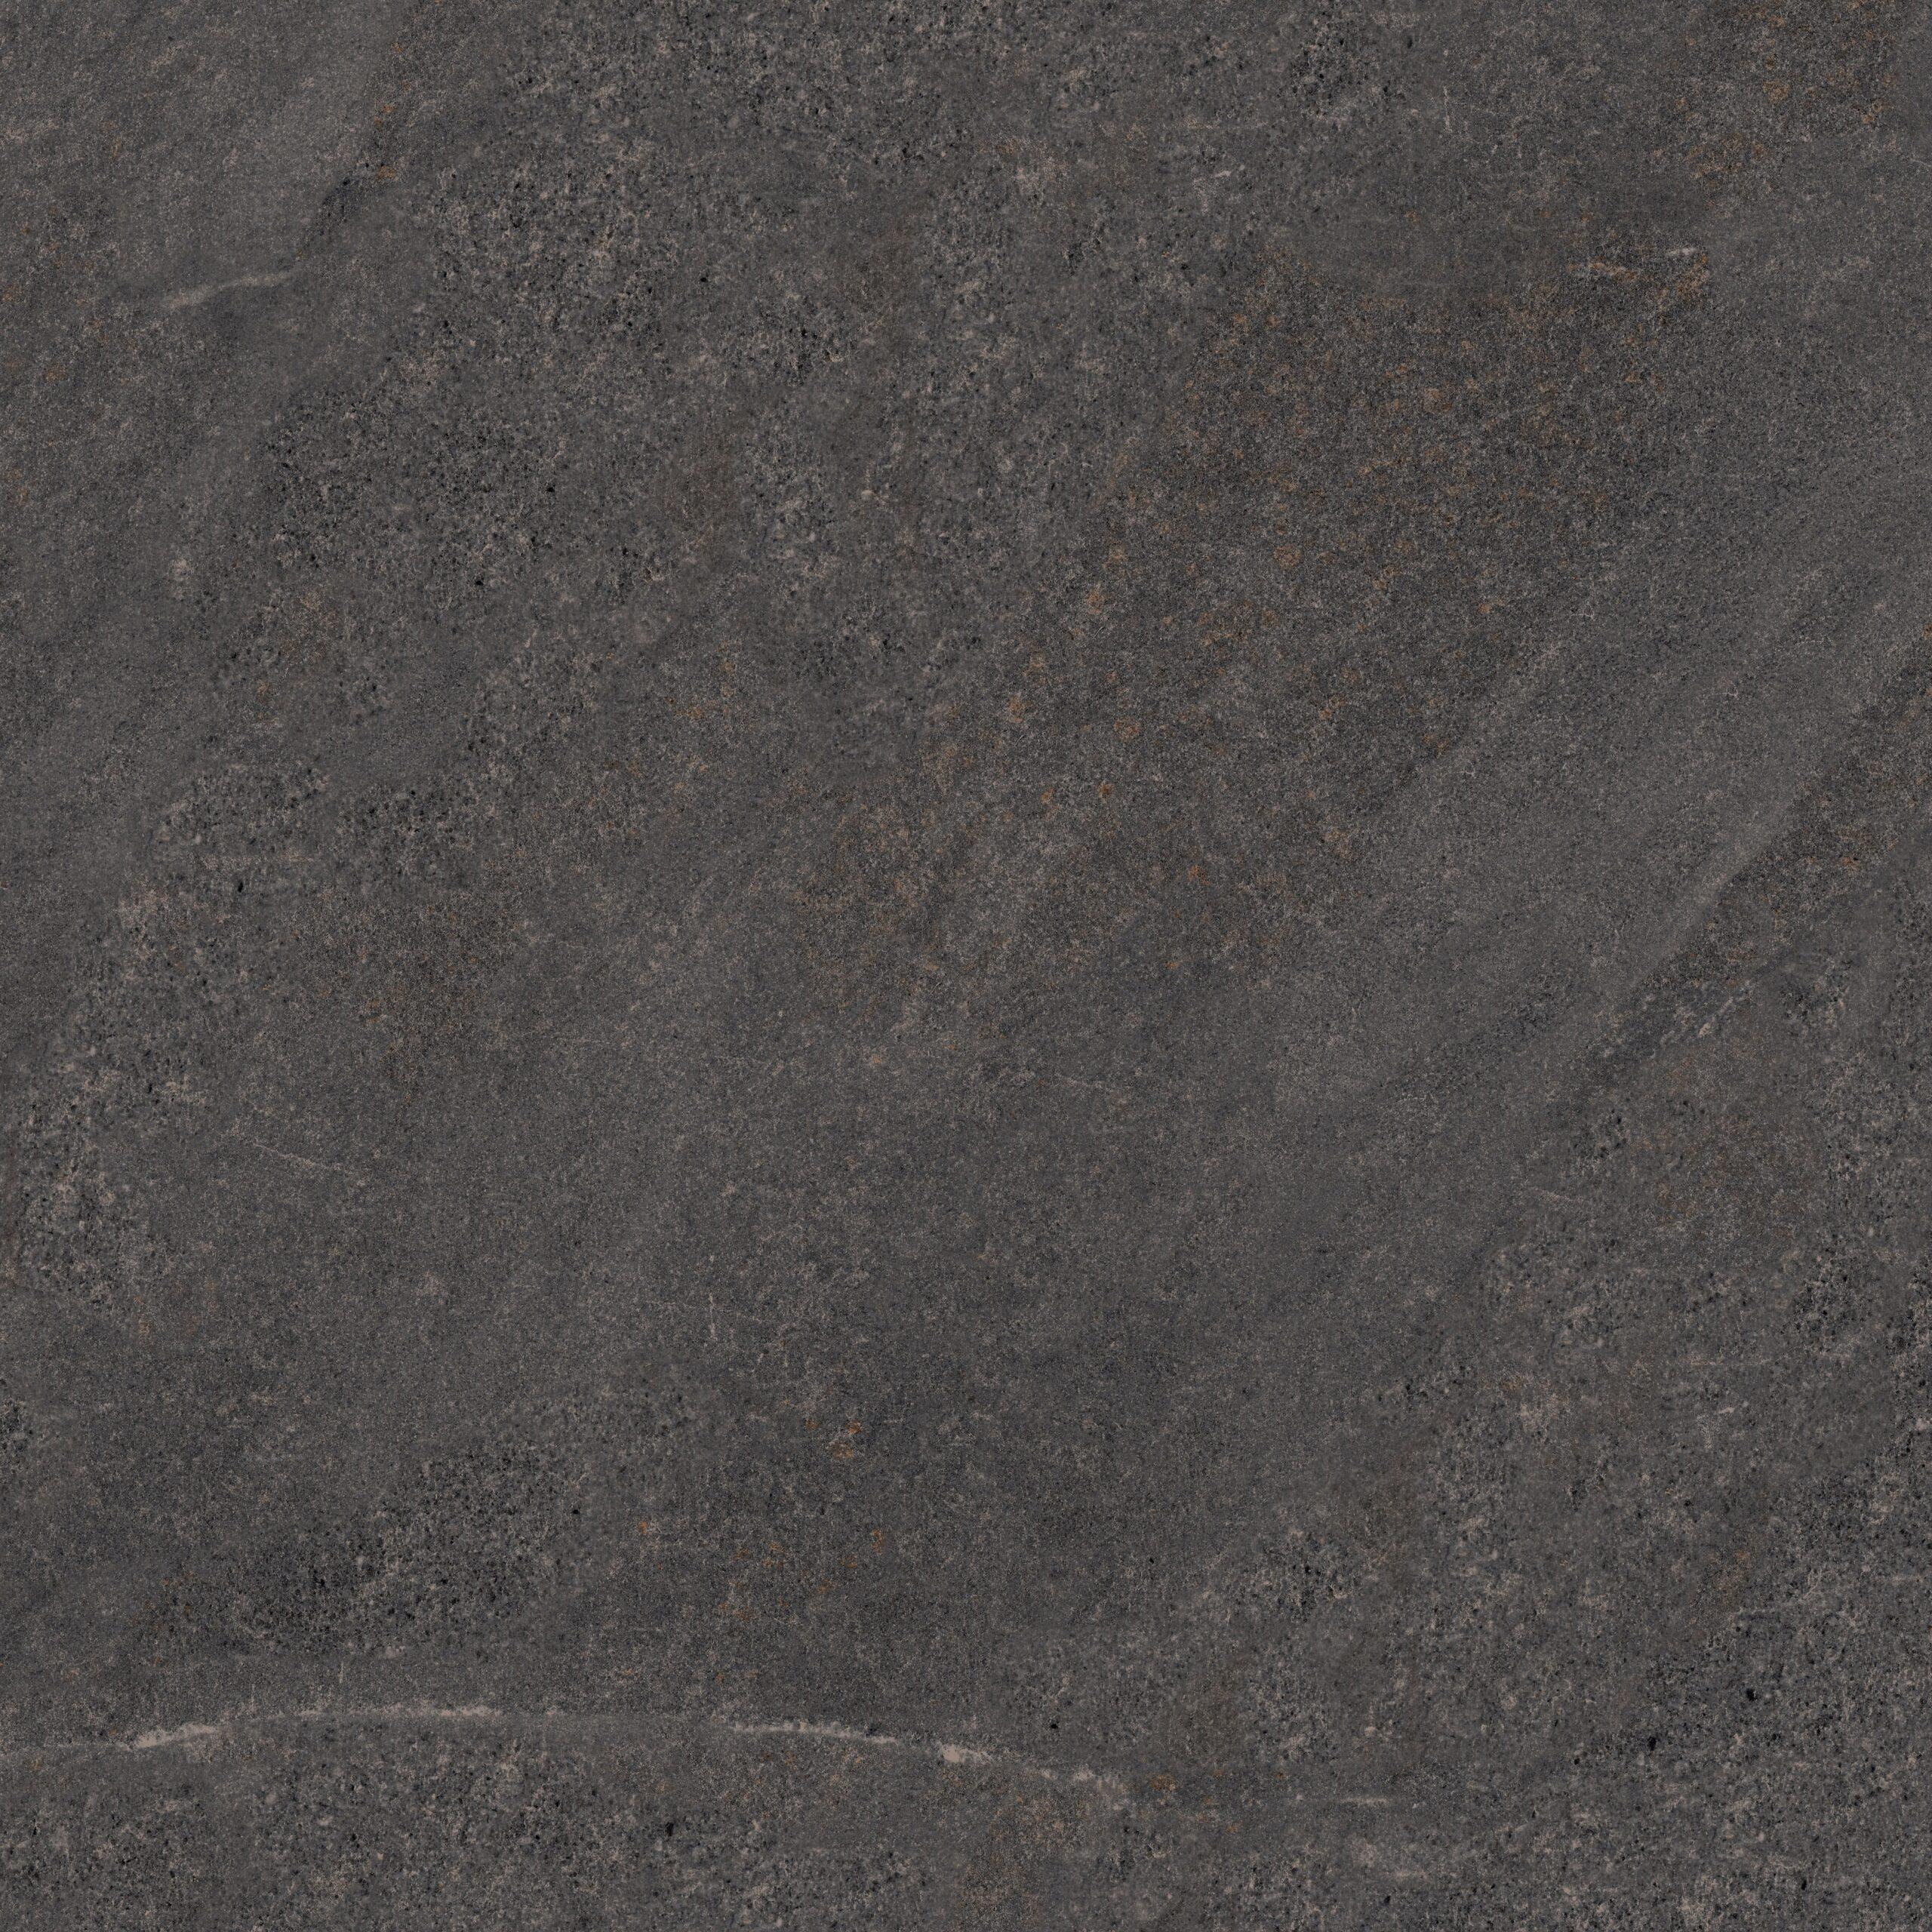 Террасная плита Villeroy & Boch Blanche Antrachite R11 , 600x600x20 мм 2